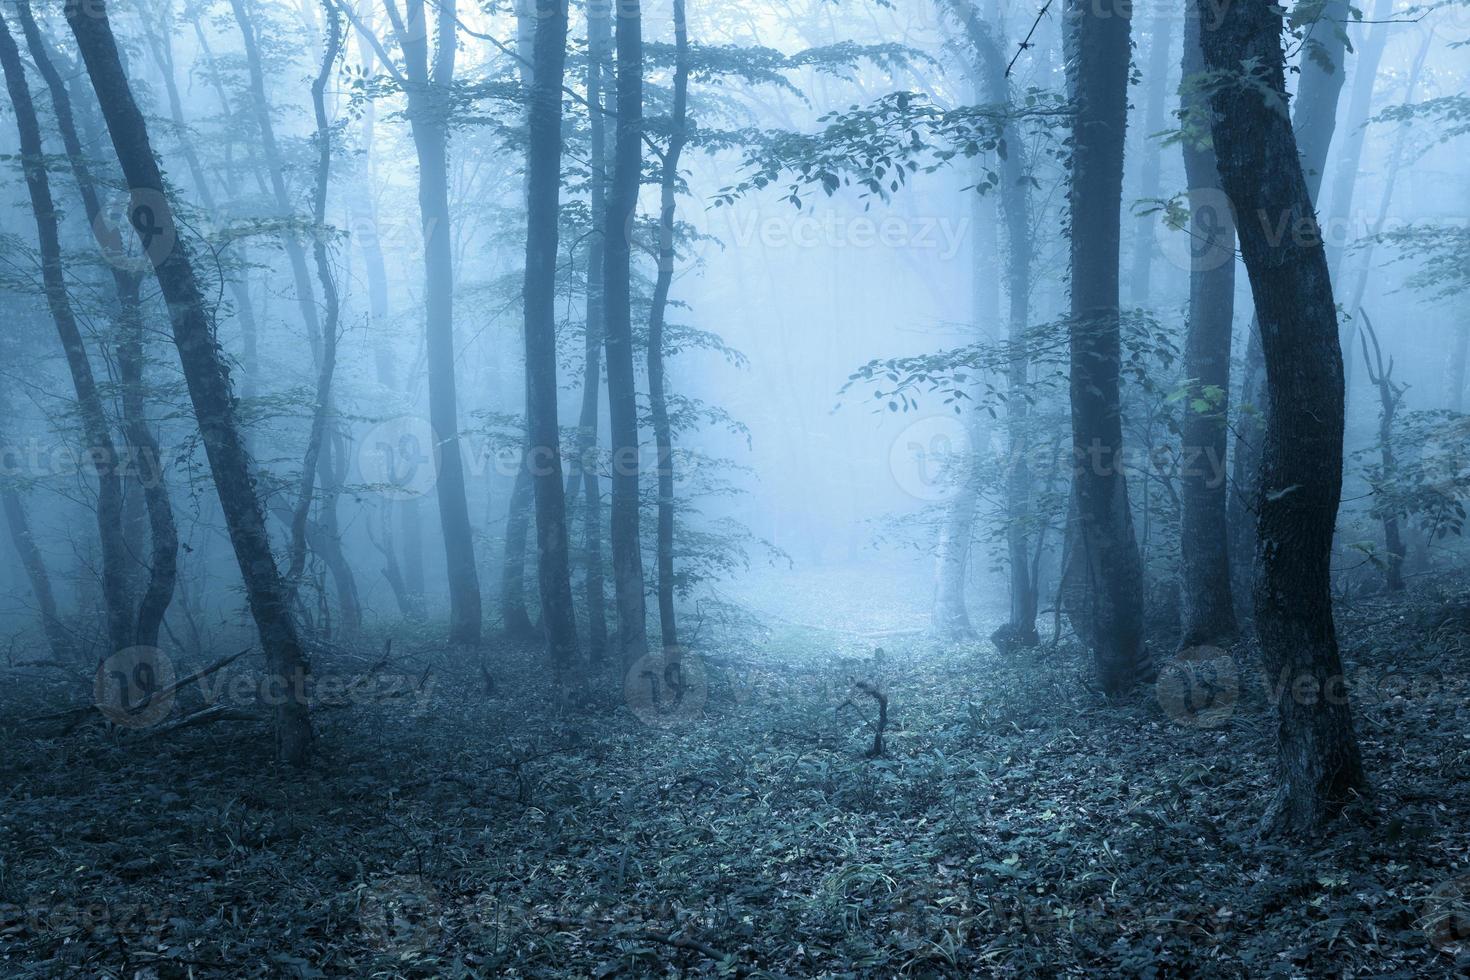 1320521-trilha-atraves-de-uma-misteriosa-floresta-escura-na-primavera-foto.jpg